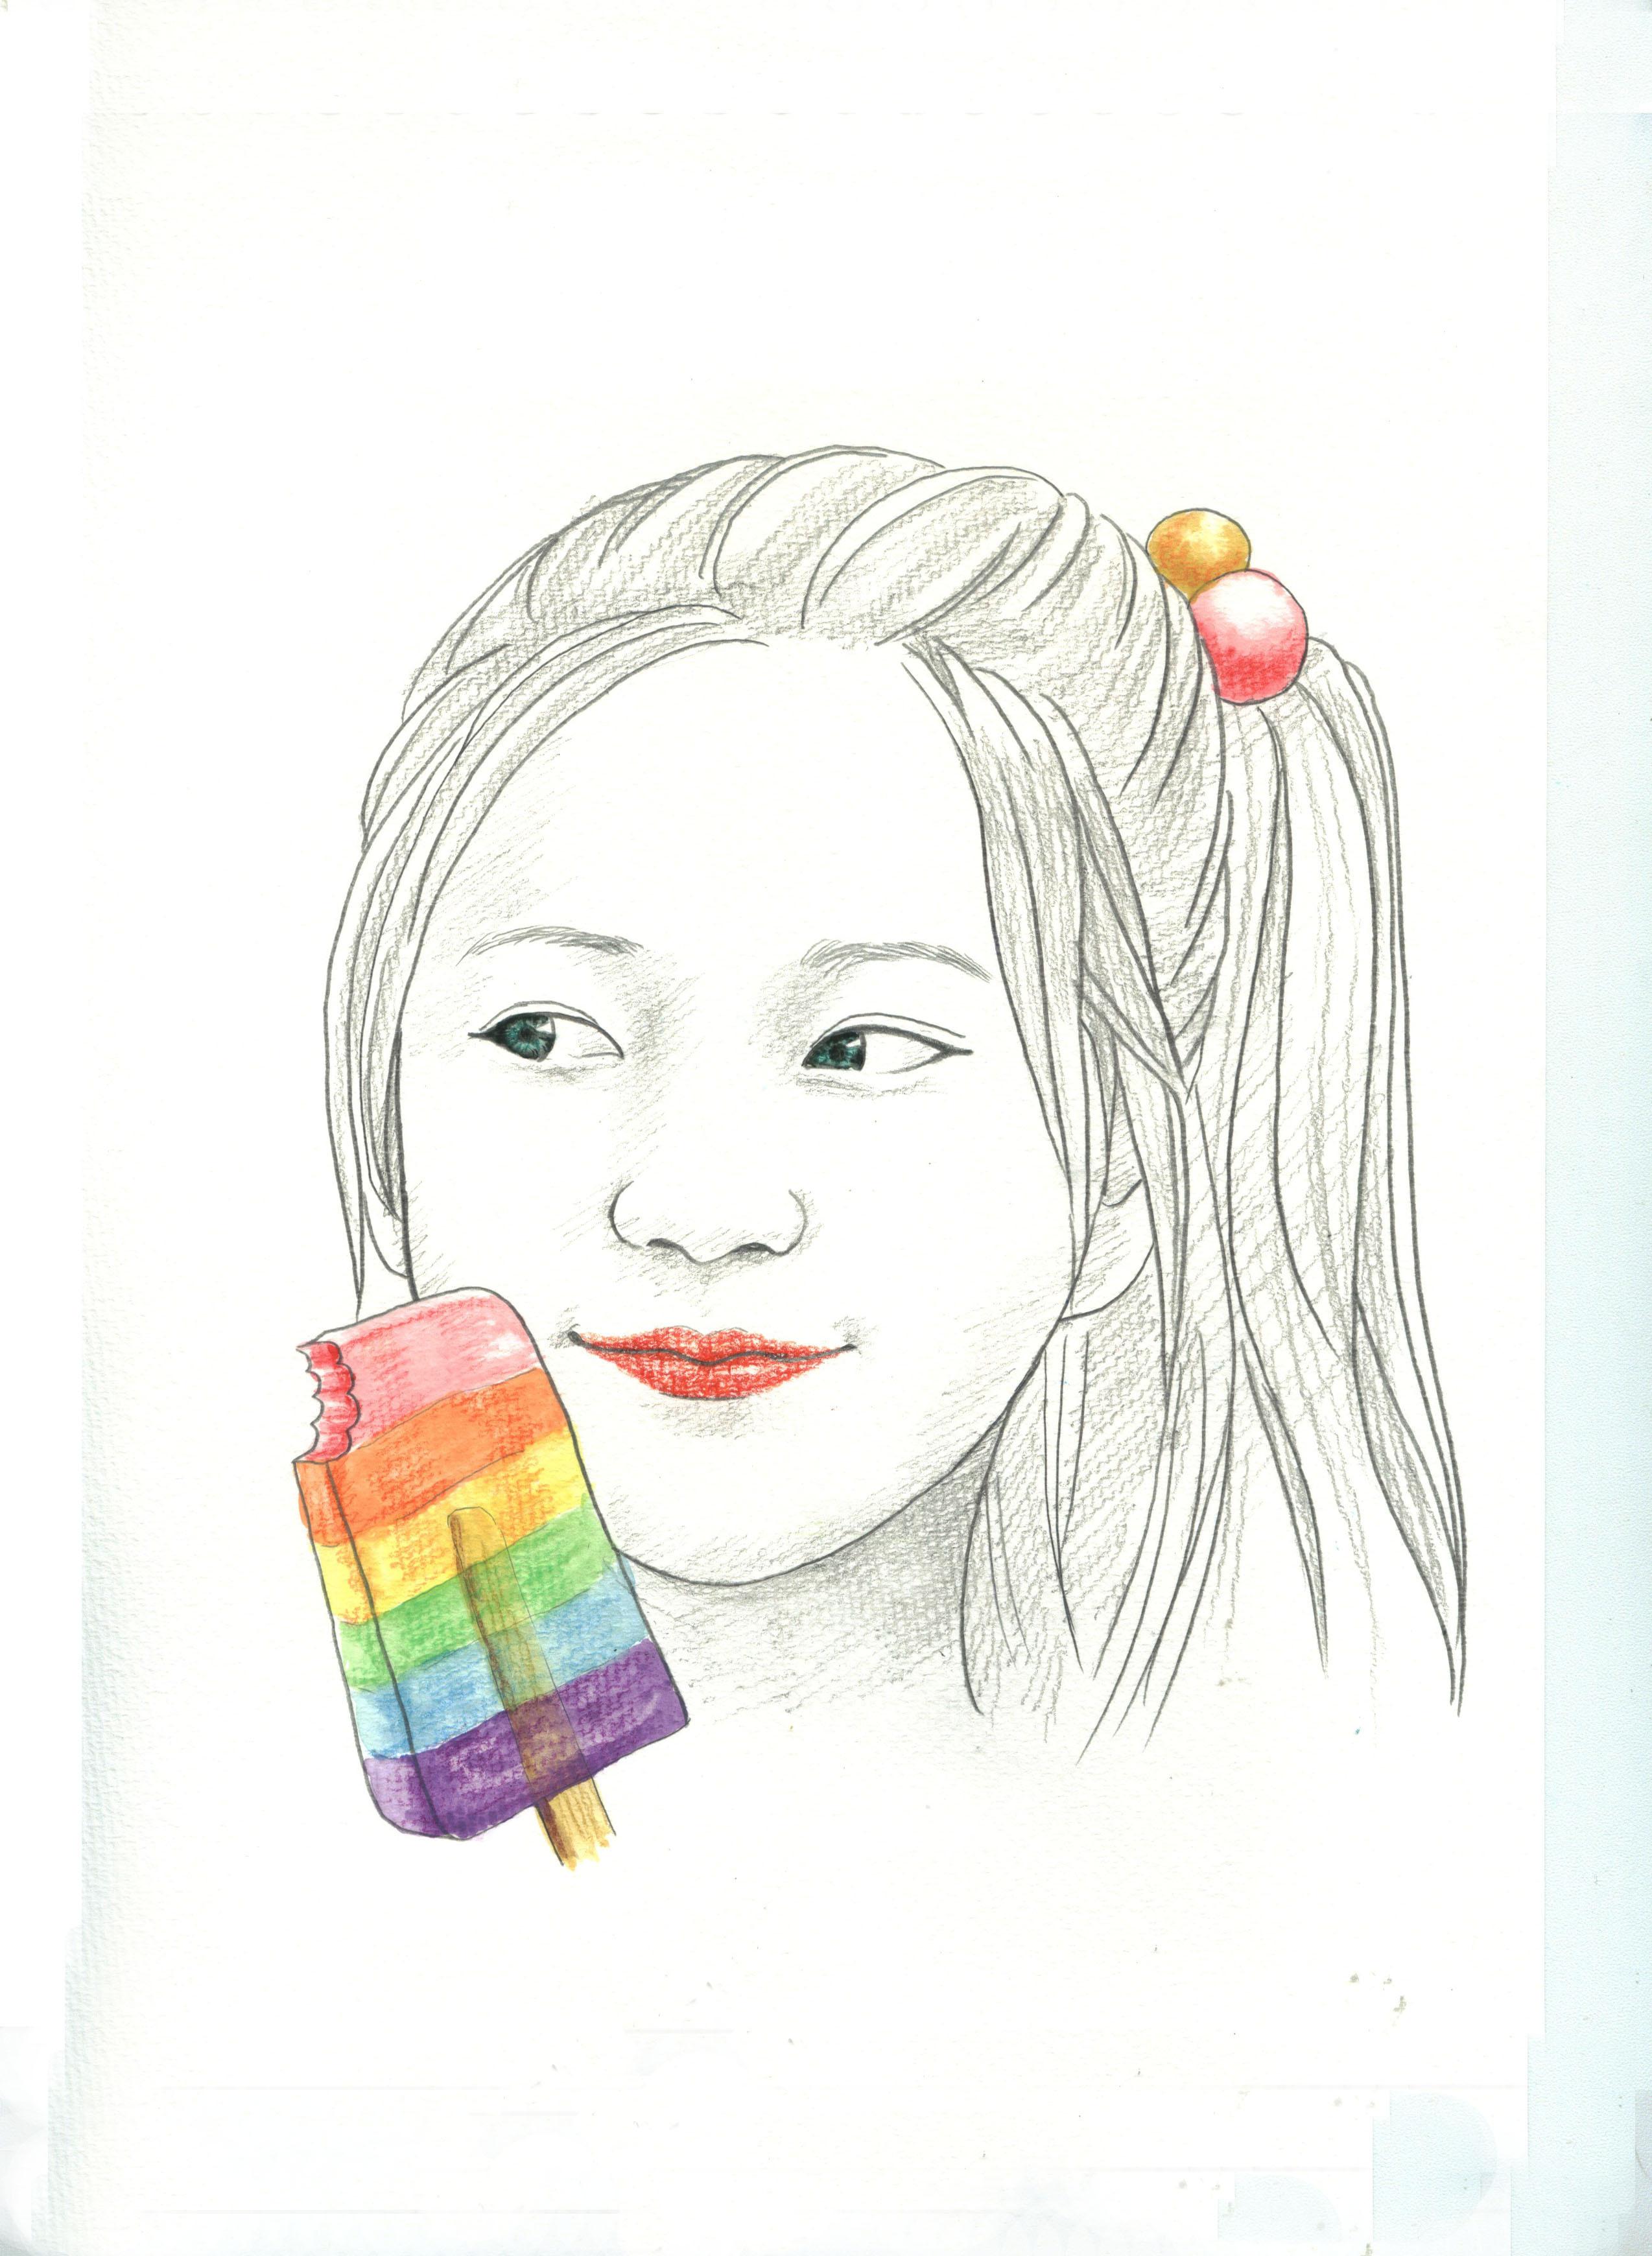 手绘人物插画